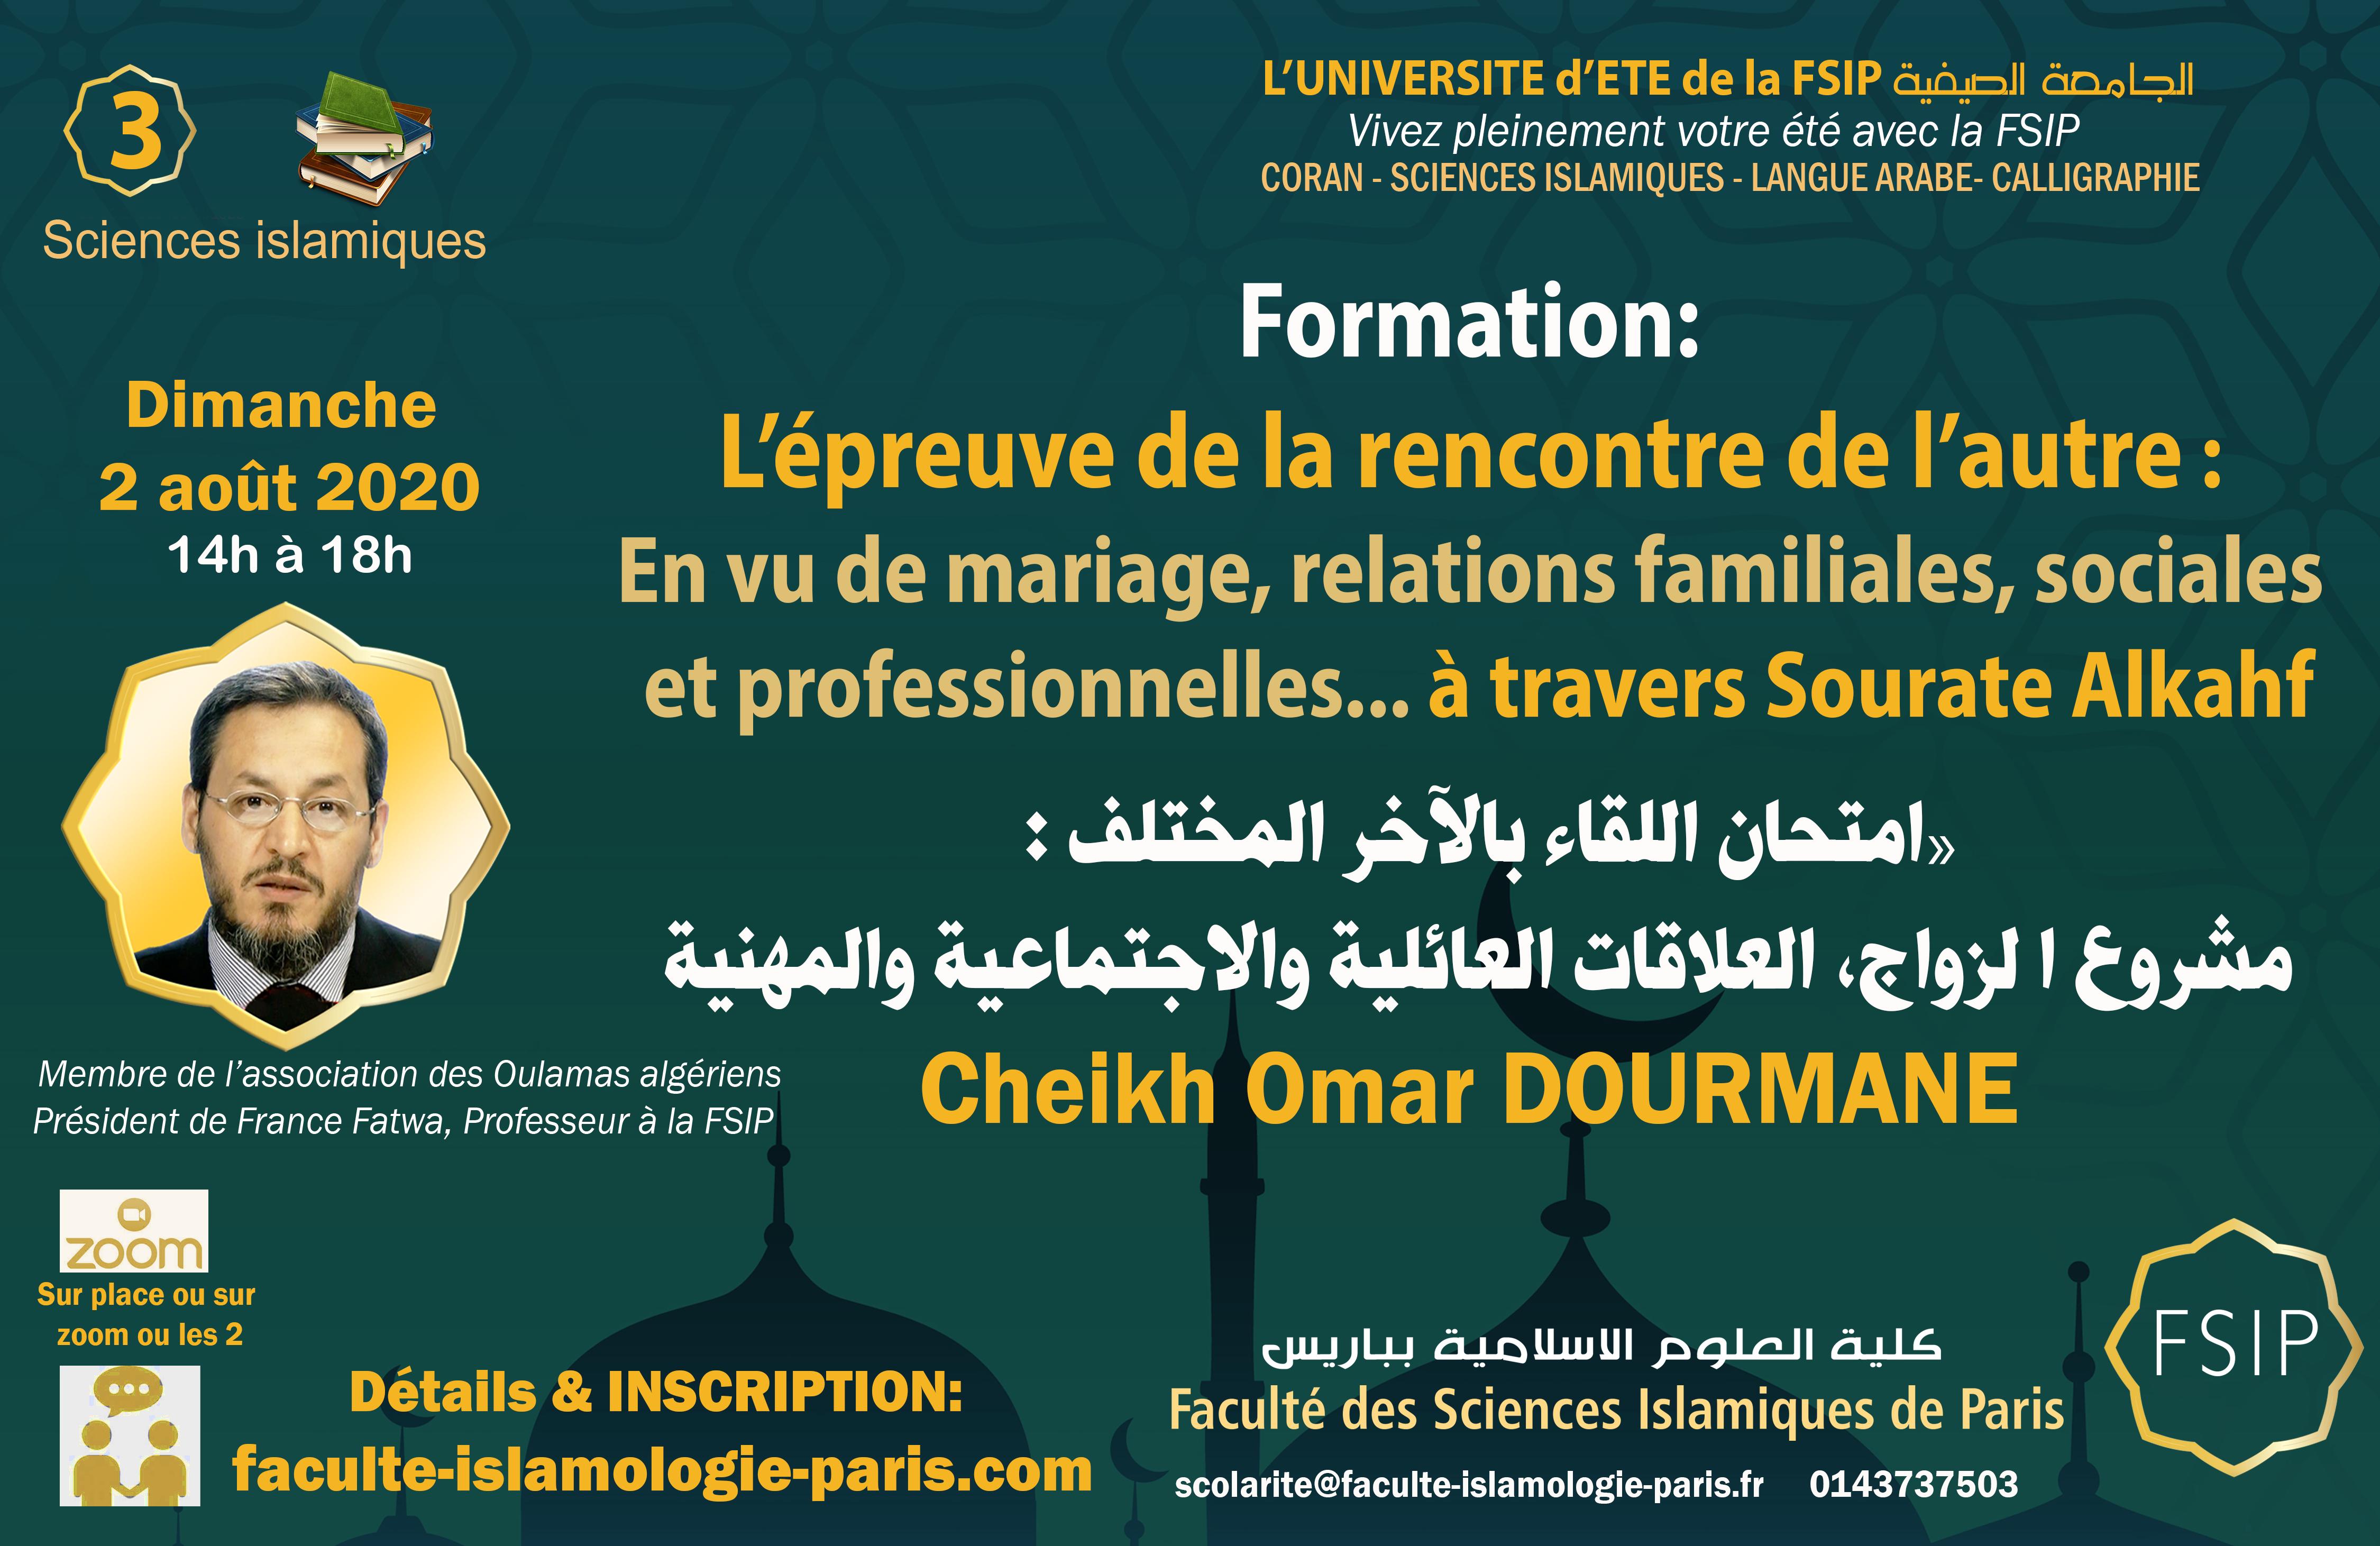 Formation-l'AUTRE-ALKAHF_DOURMANE_FSIP_universite_ete_Cours__Arabe_Calligraphie_Coran_islam_Paris